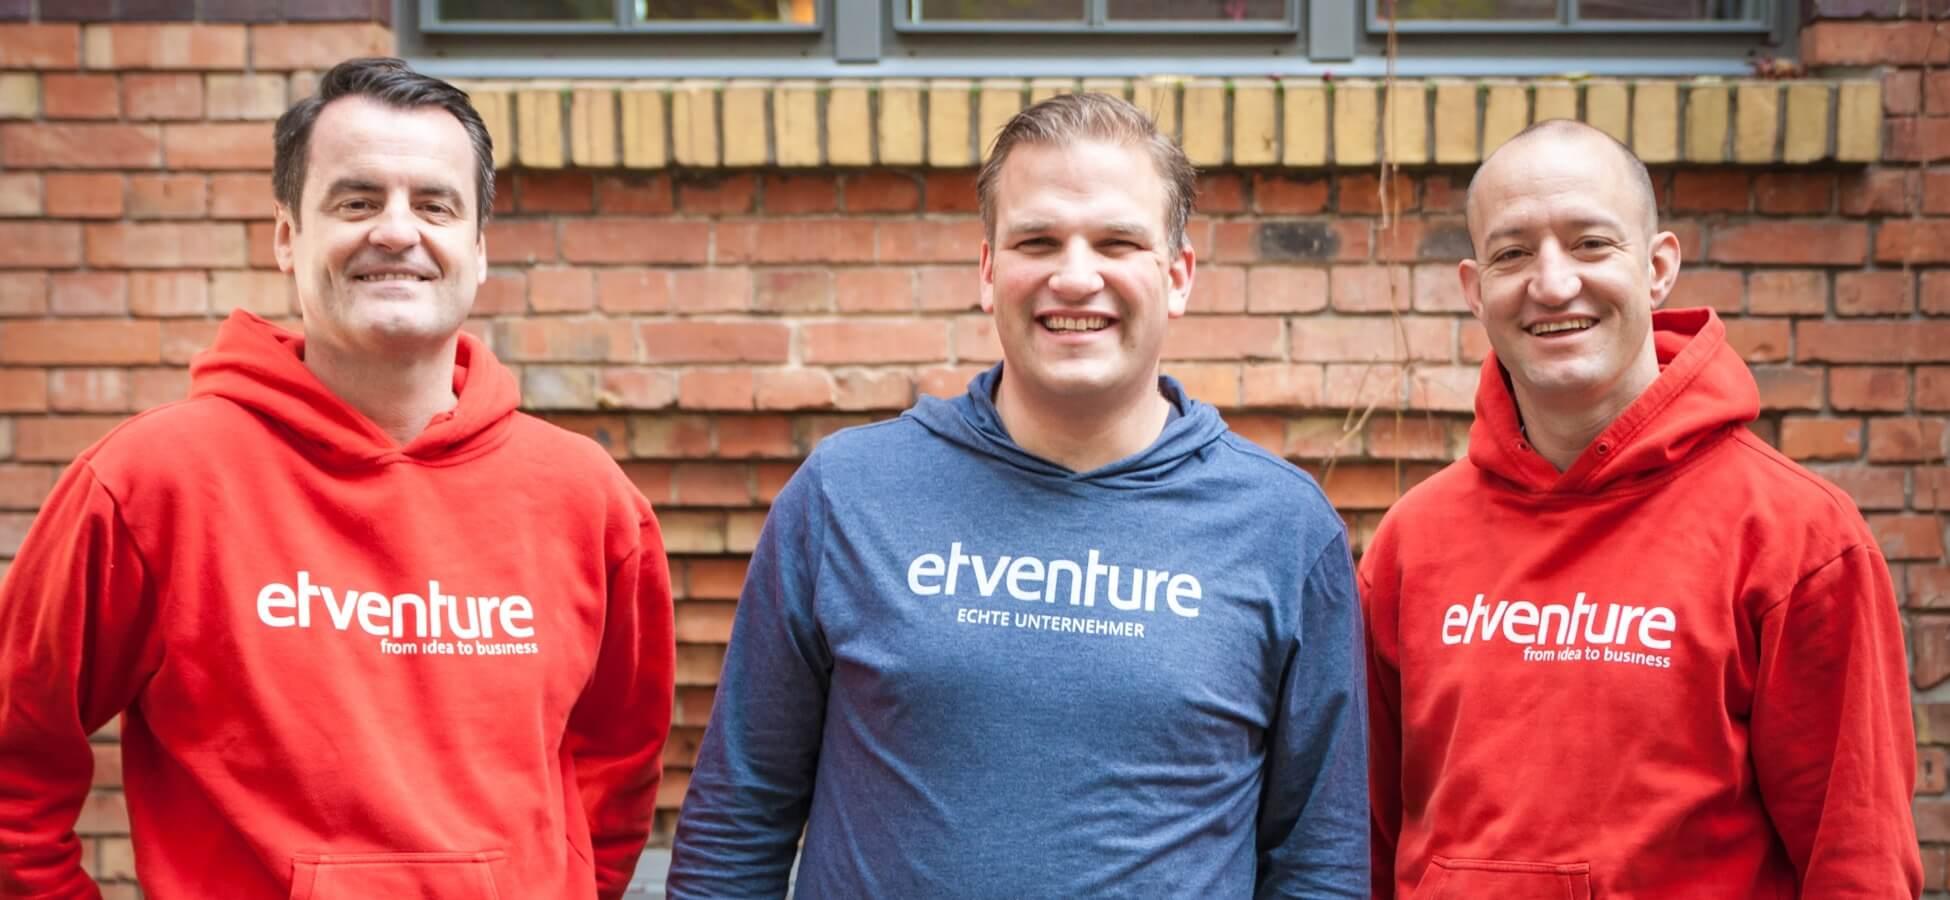 etventure Gründer